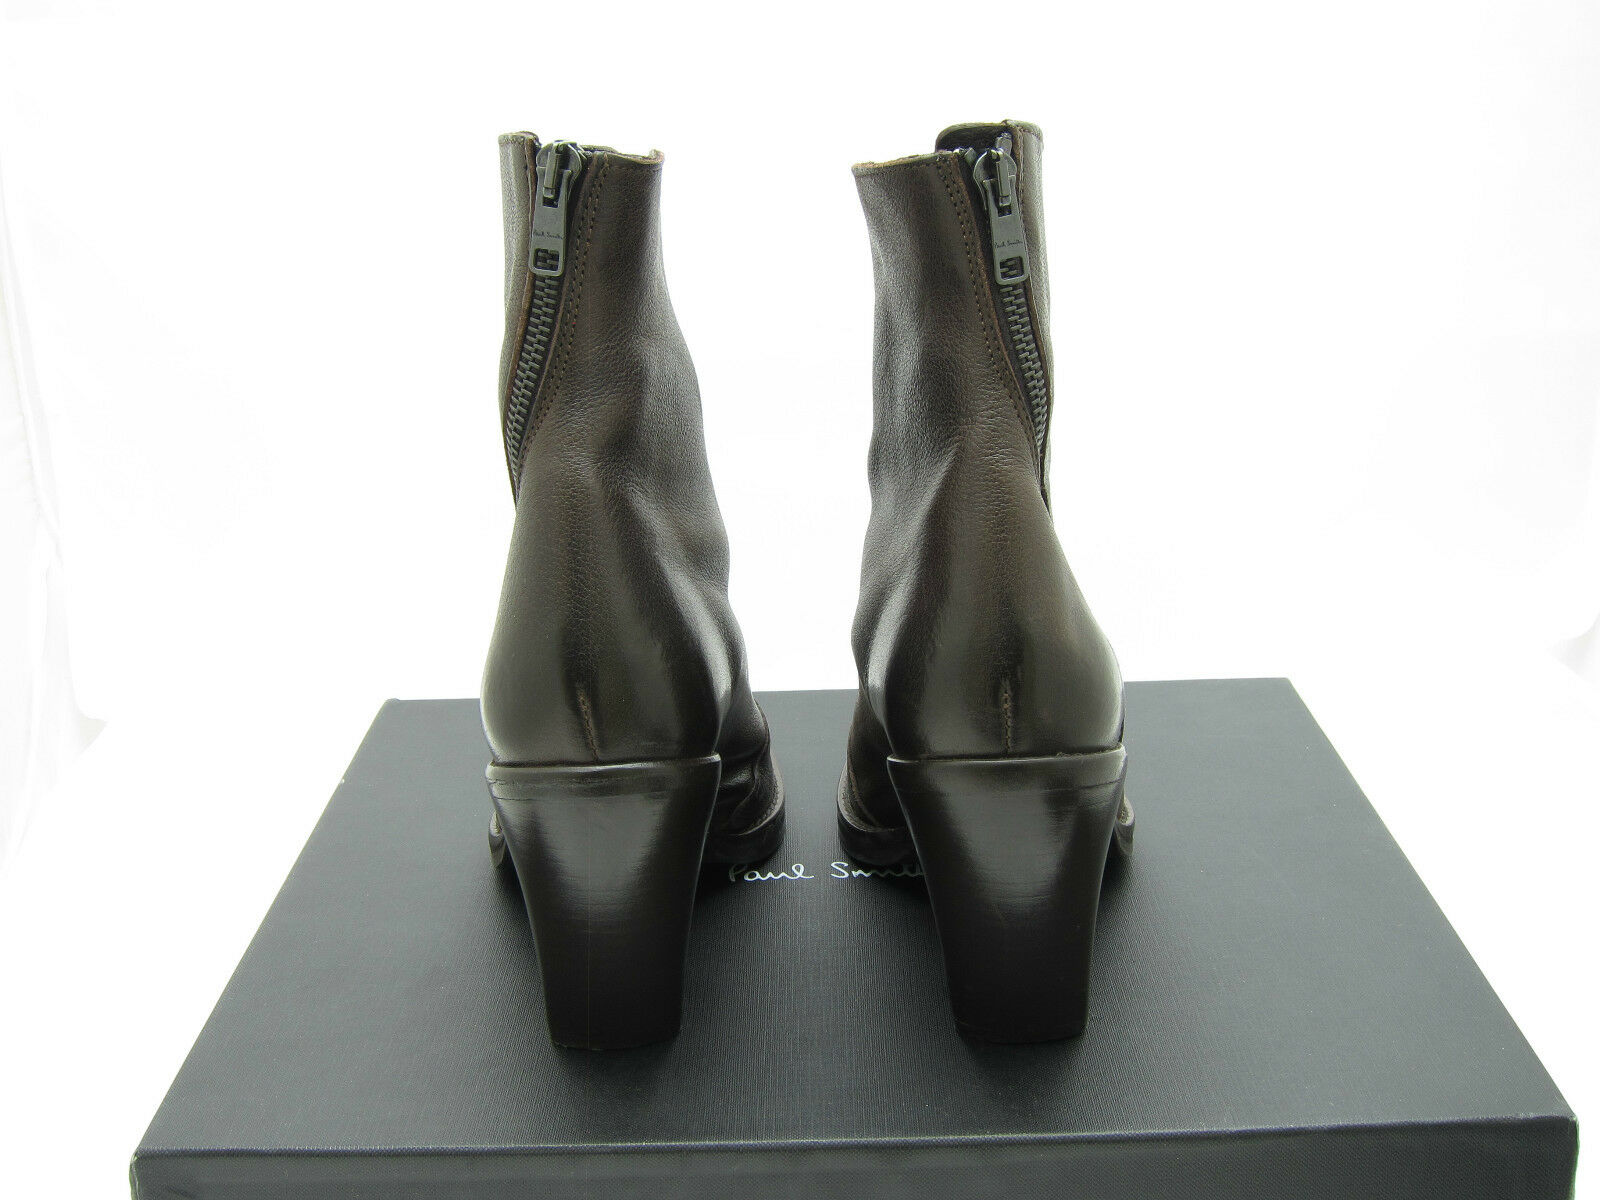 2e522414 ... Paul Smith zapatos impulsó Bota Marrón Chocolate nuevos y y y en caja  con bolsa antipolvo fdd916 ...